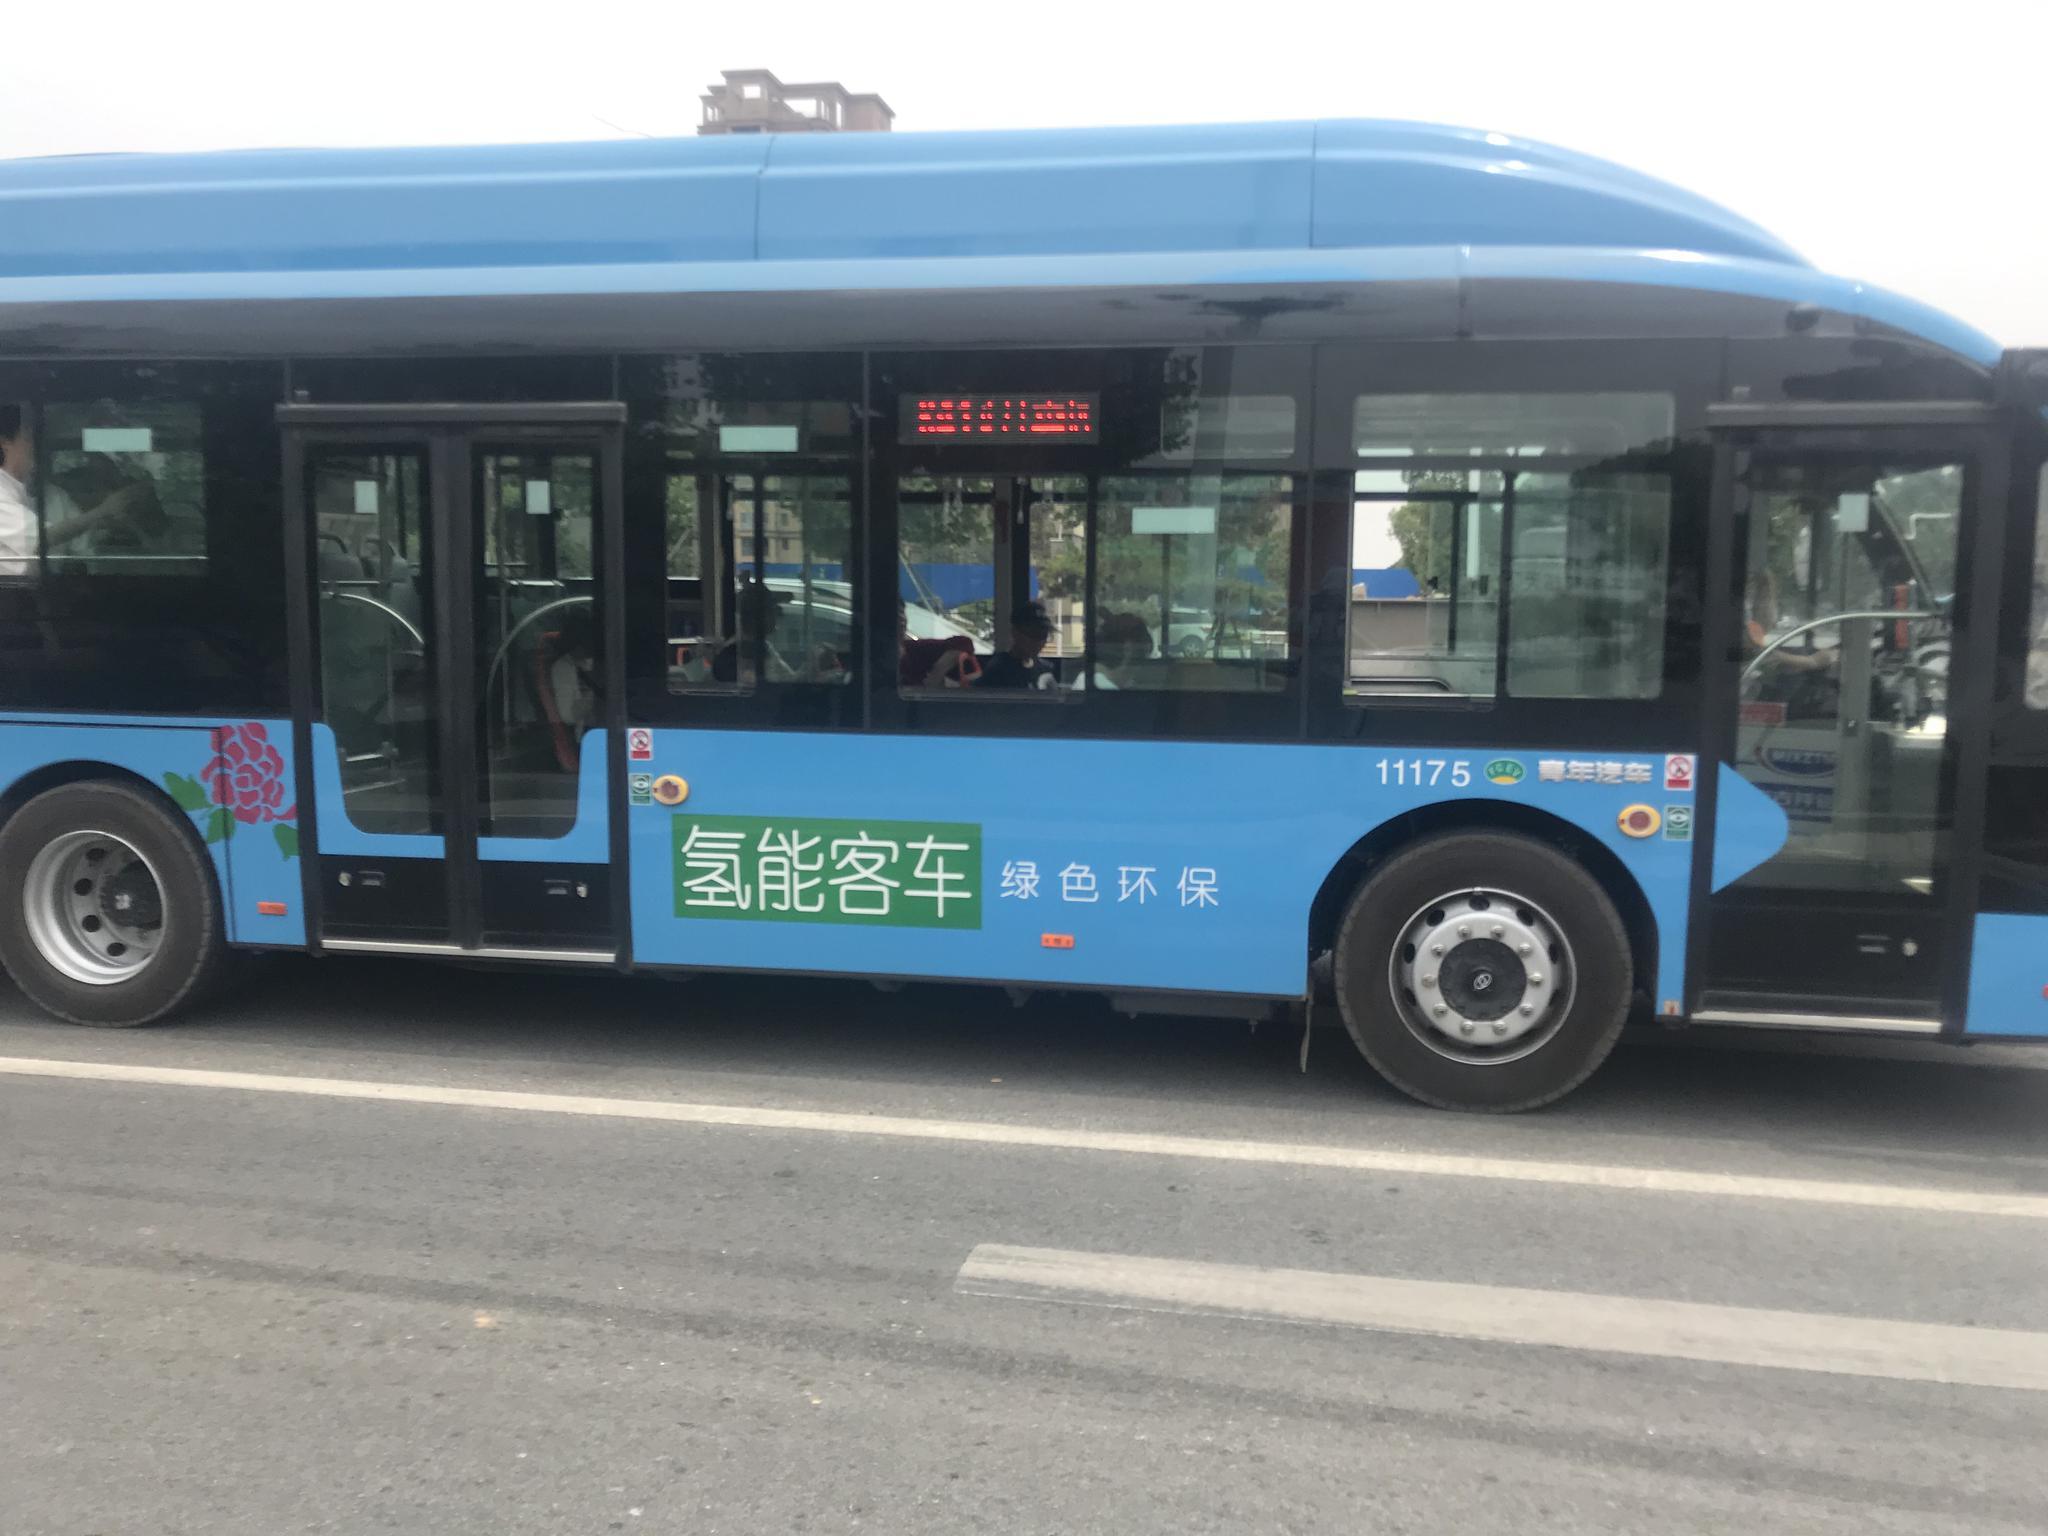 南阳8600万购氢气车变电动车:氢气太贵 用电划算